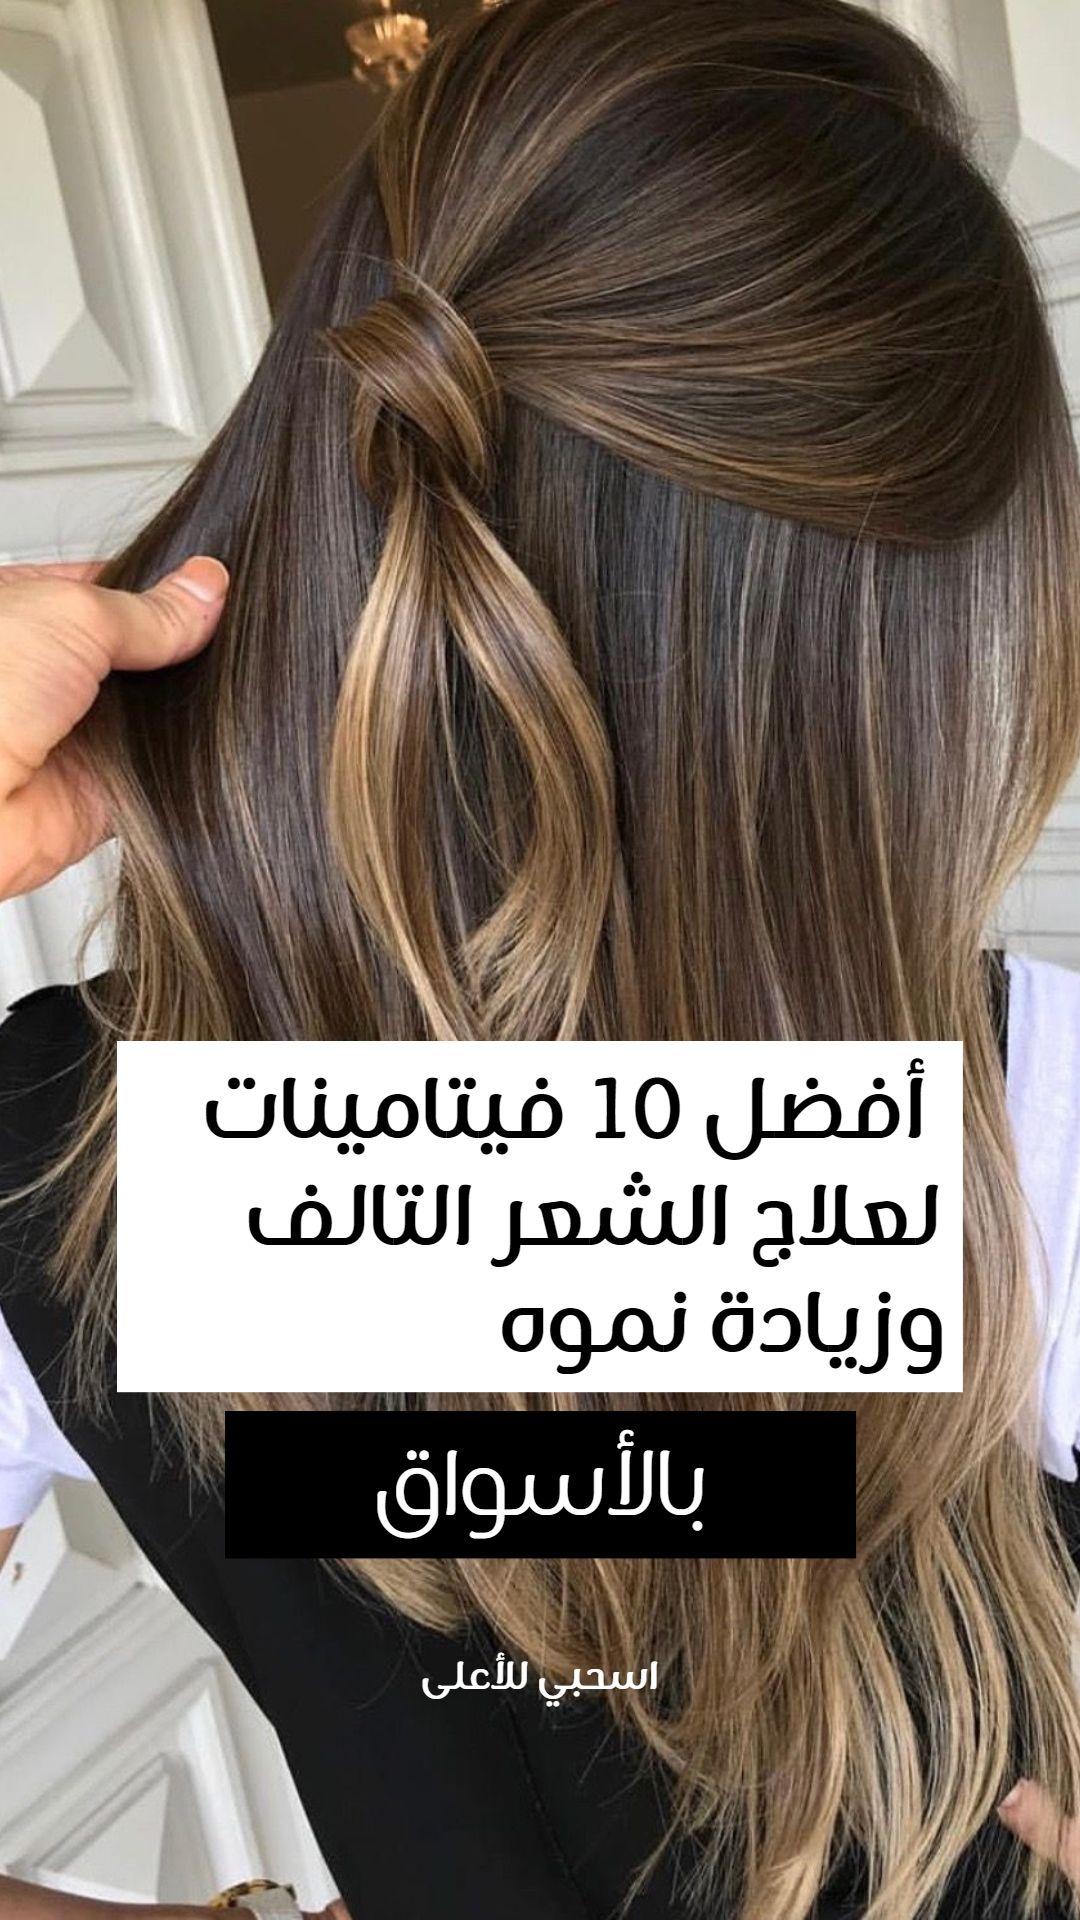 أفضل ١٠ فيتامينات لعلاج الشعر التالف وزيادة نموه Long Hair Styles Hair Styles Baby Food Recipes